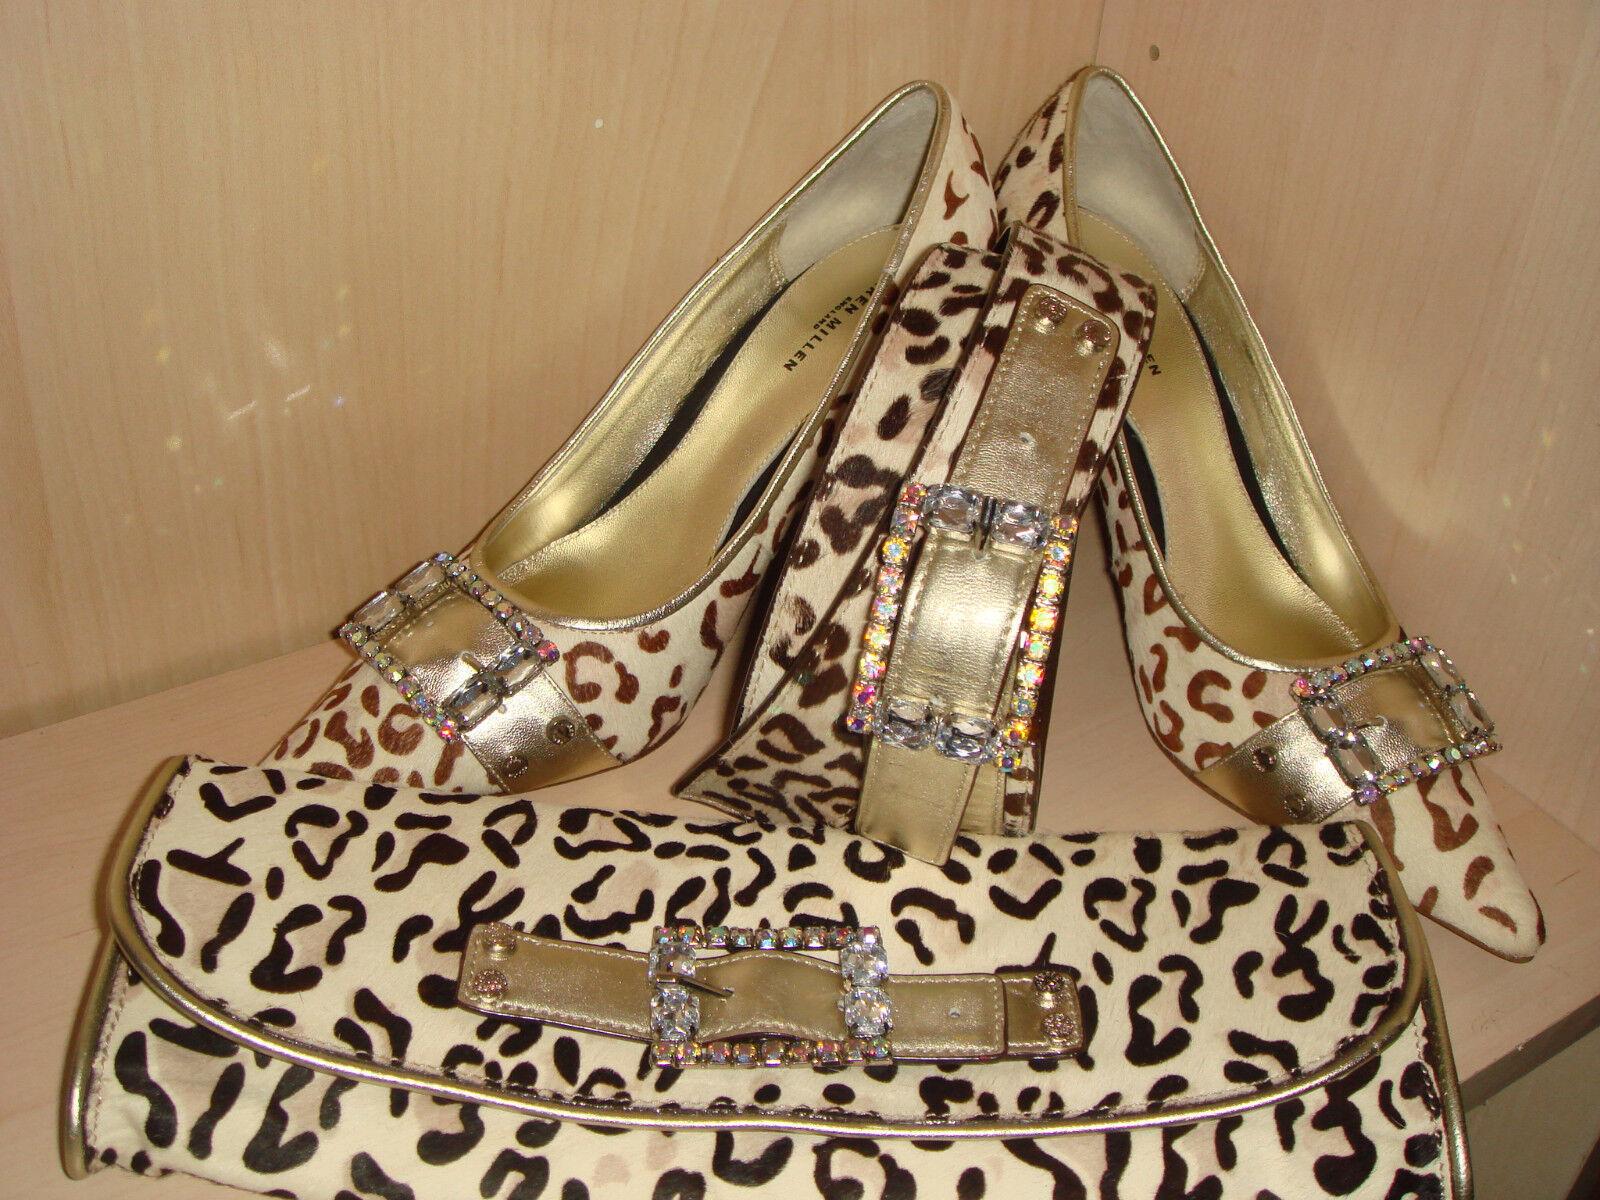 Karen Millen Snow Leopard ponyskin Leder Jeweled buckle Schuhes 41/7